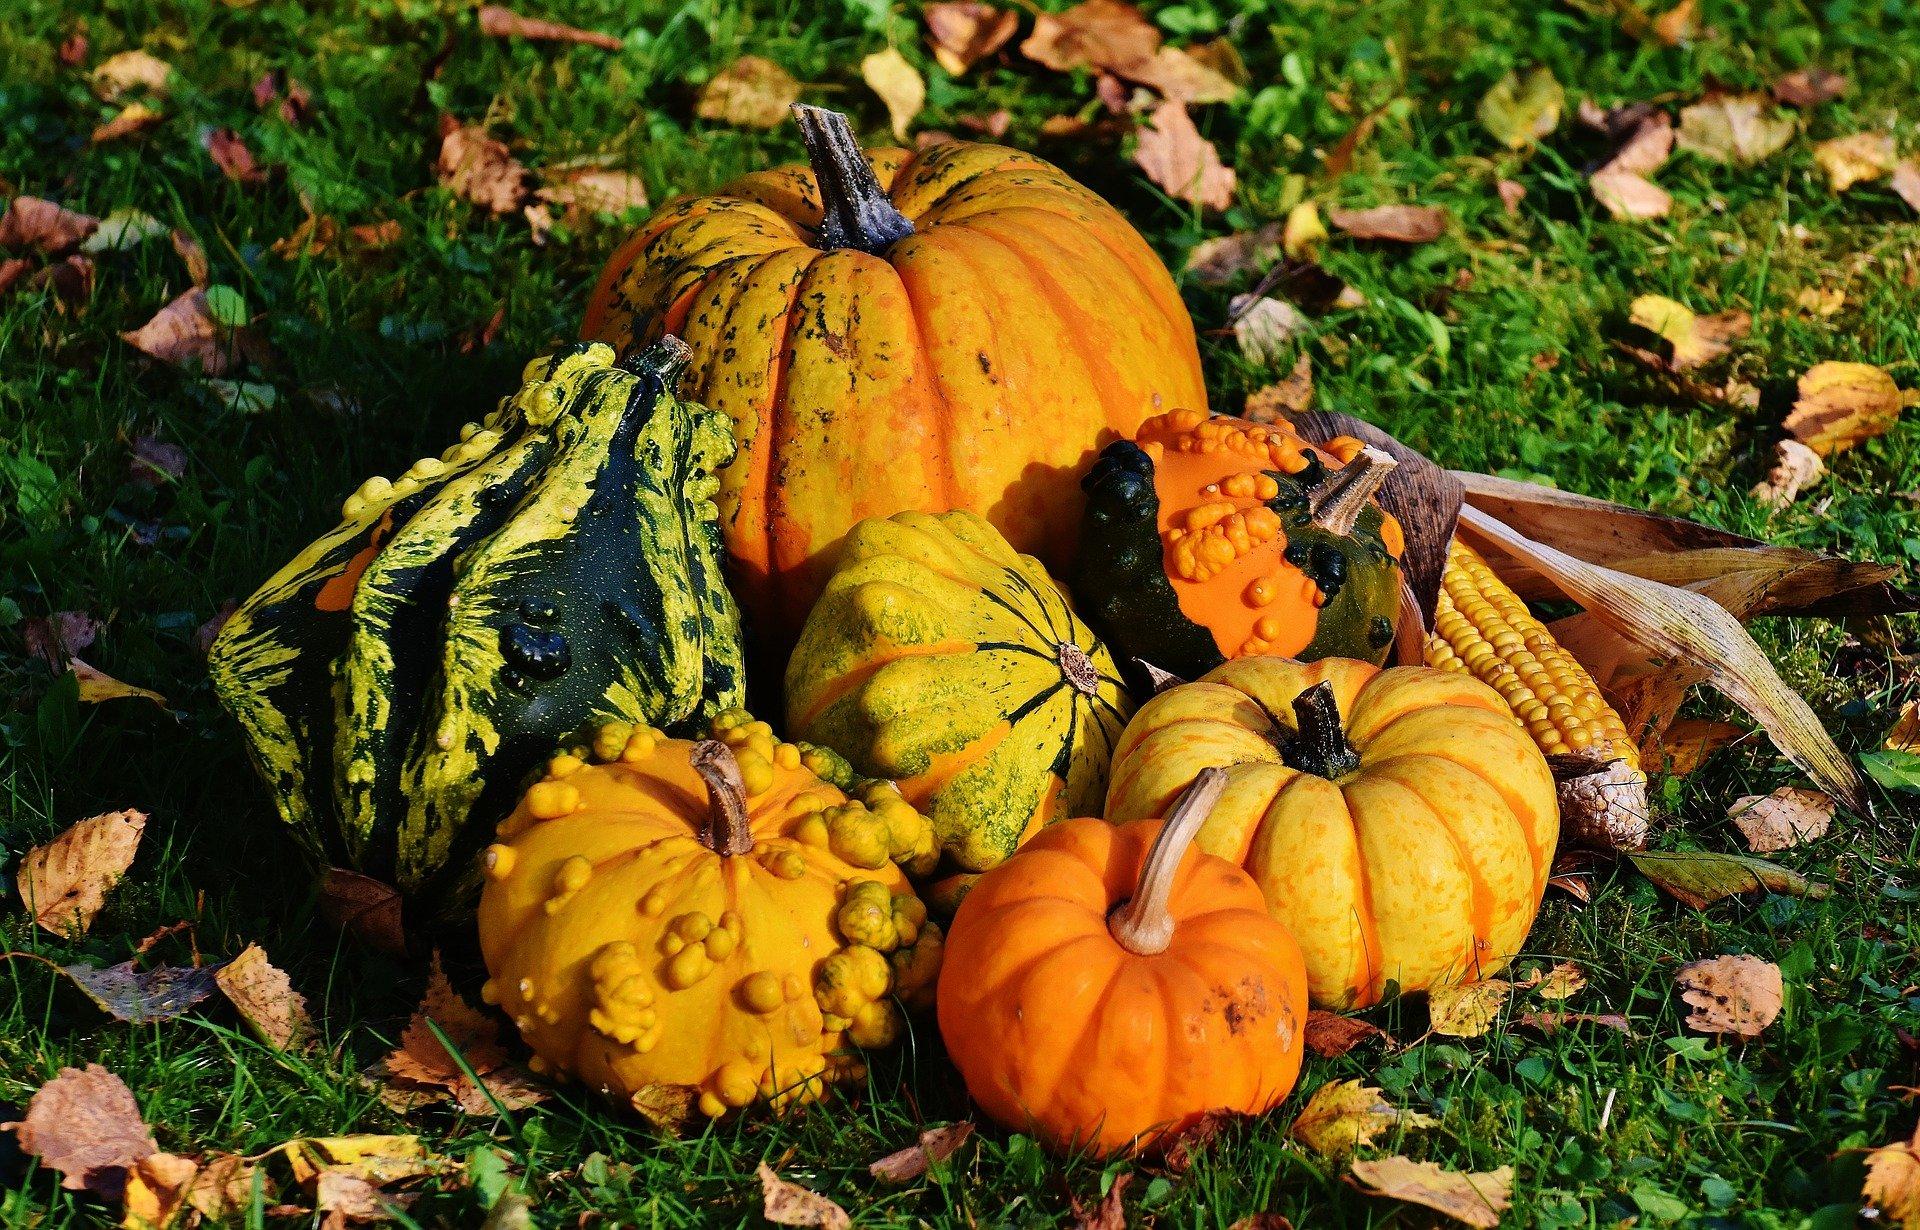 Celebrate the Fall Season